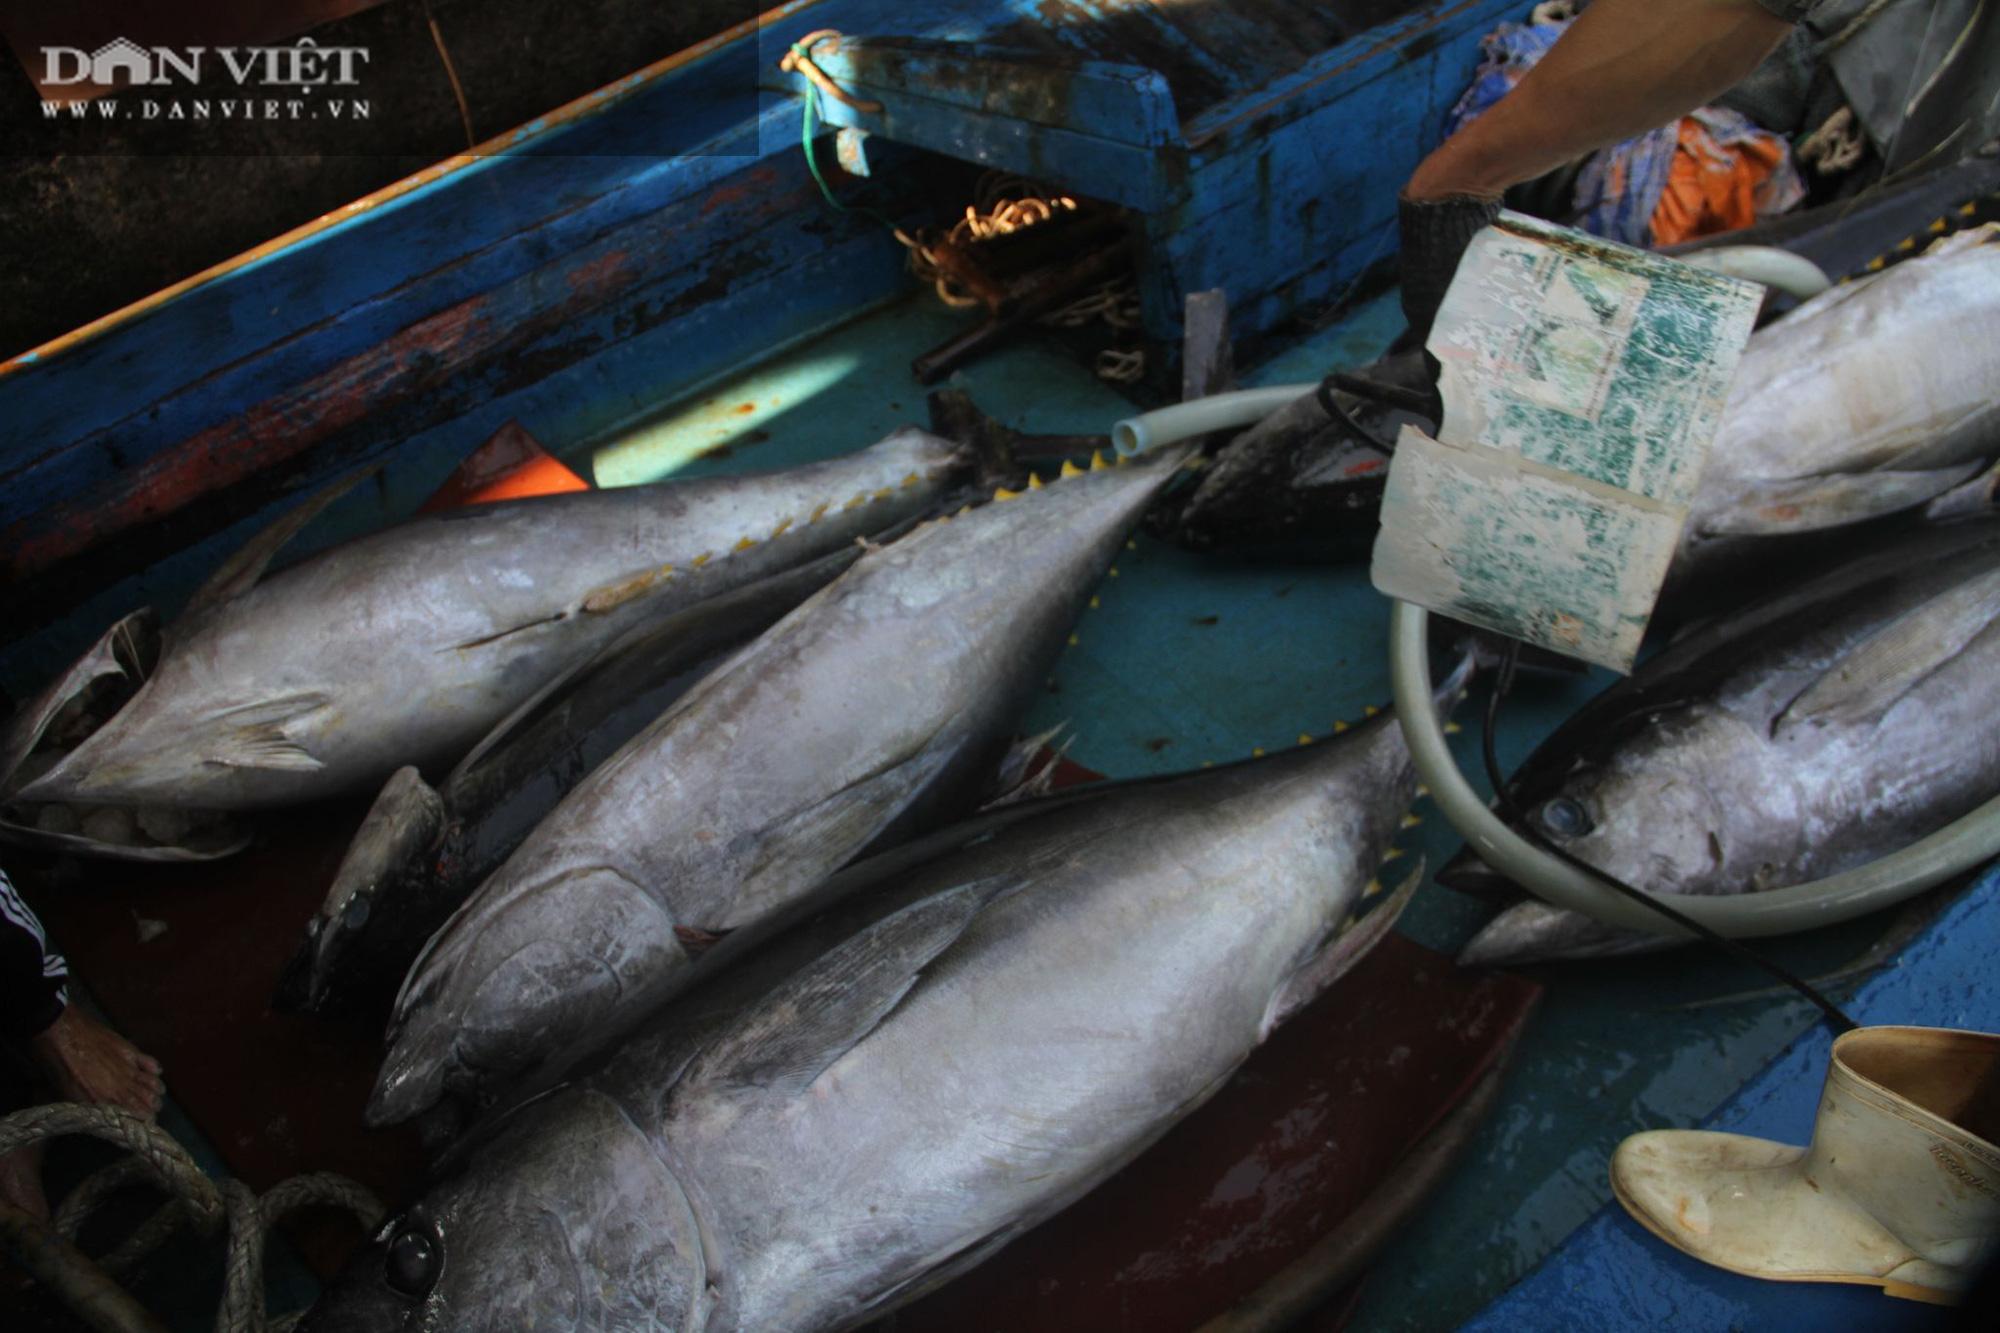 Cận cảnh đưa cá ngừ đại dương về bờ sau chuyến biển xuyên Tết - Ảnh 11.